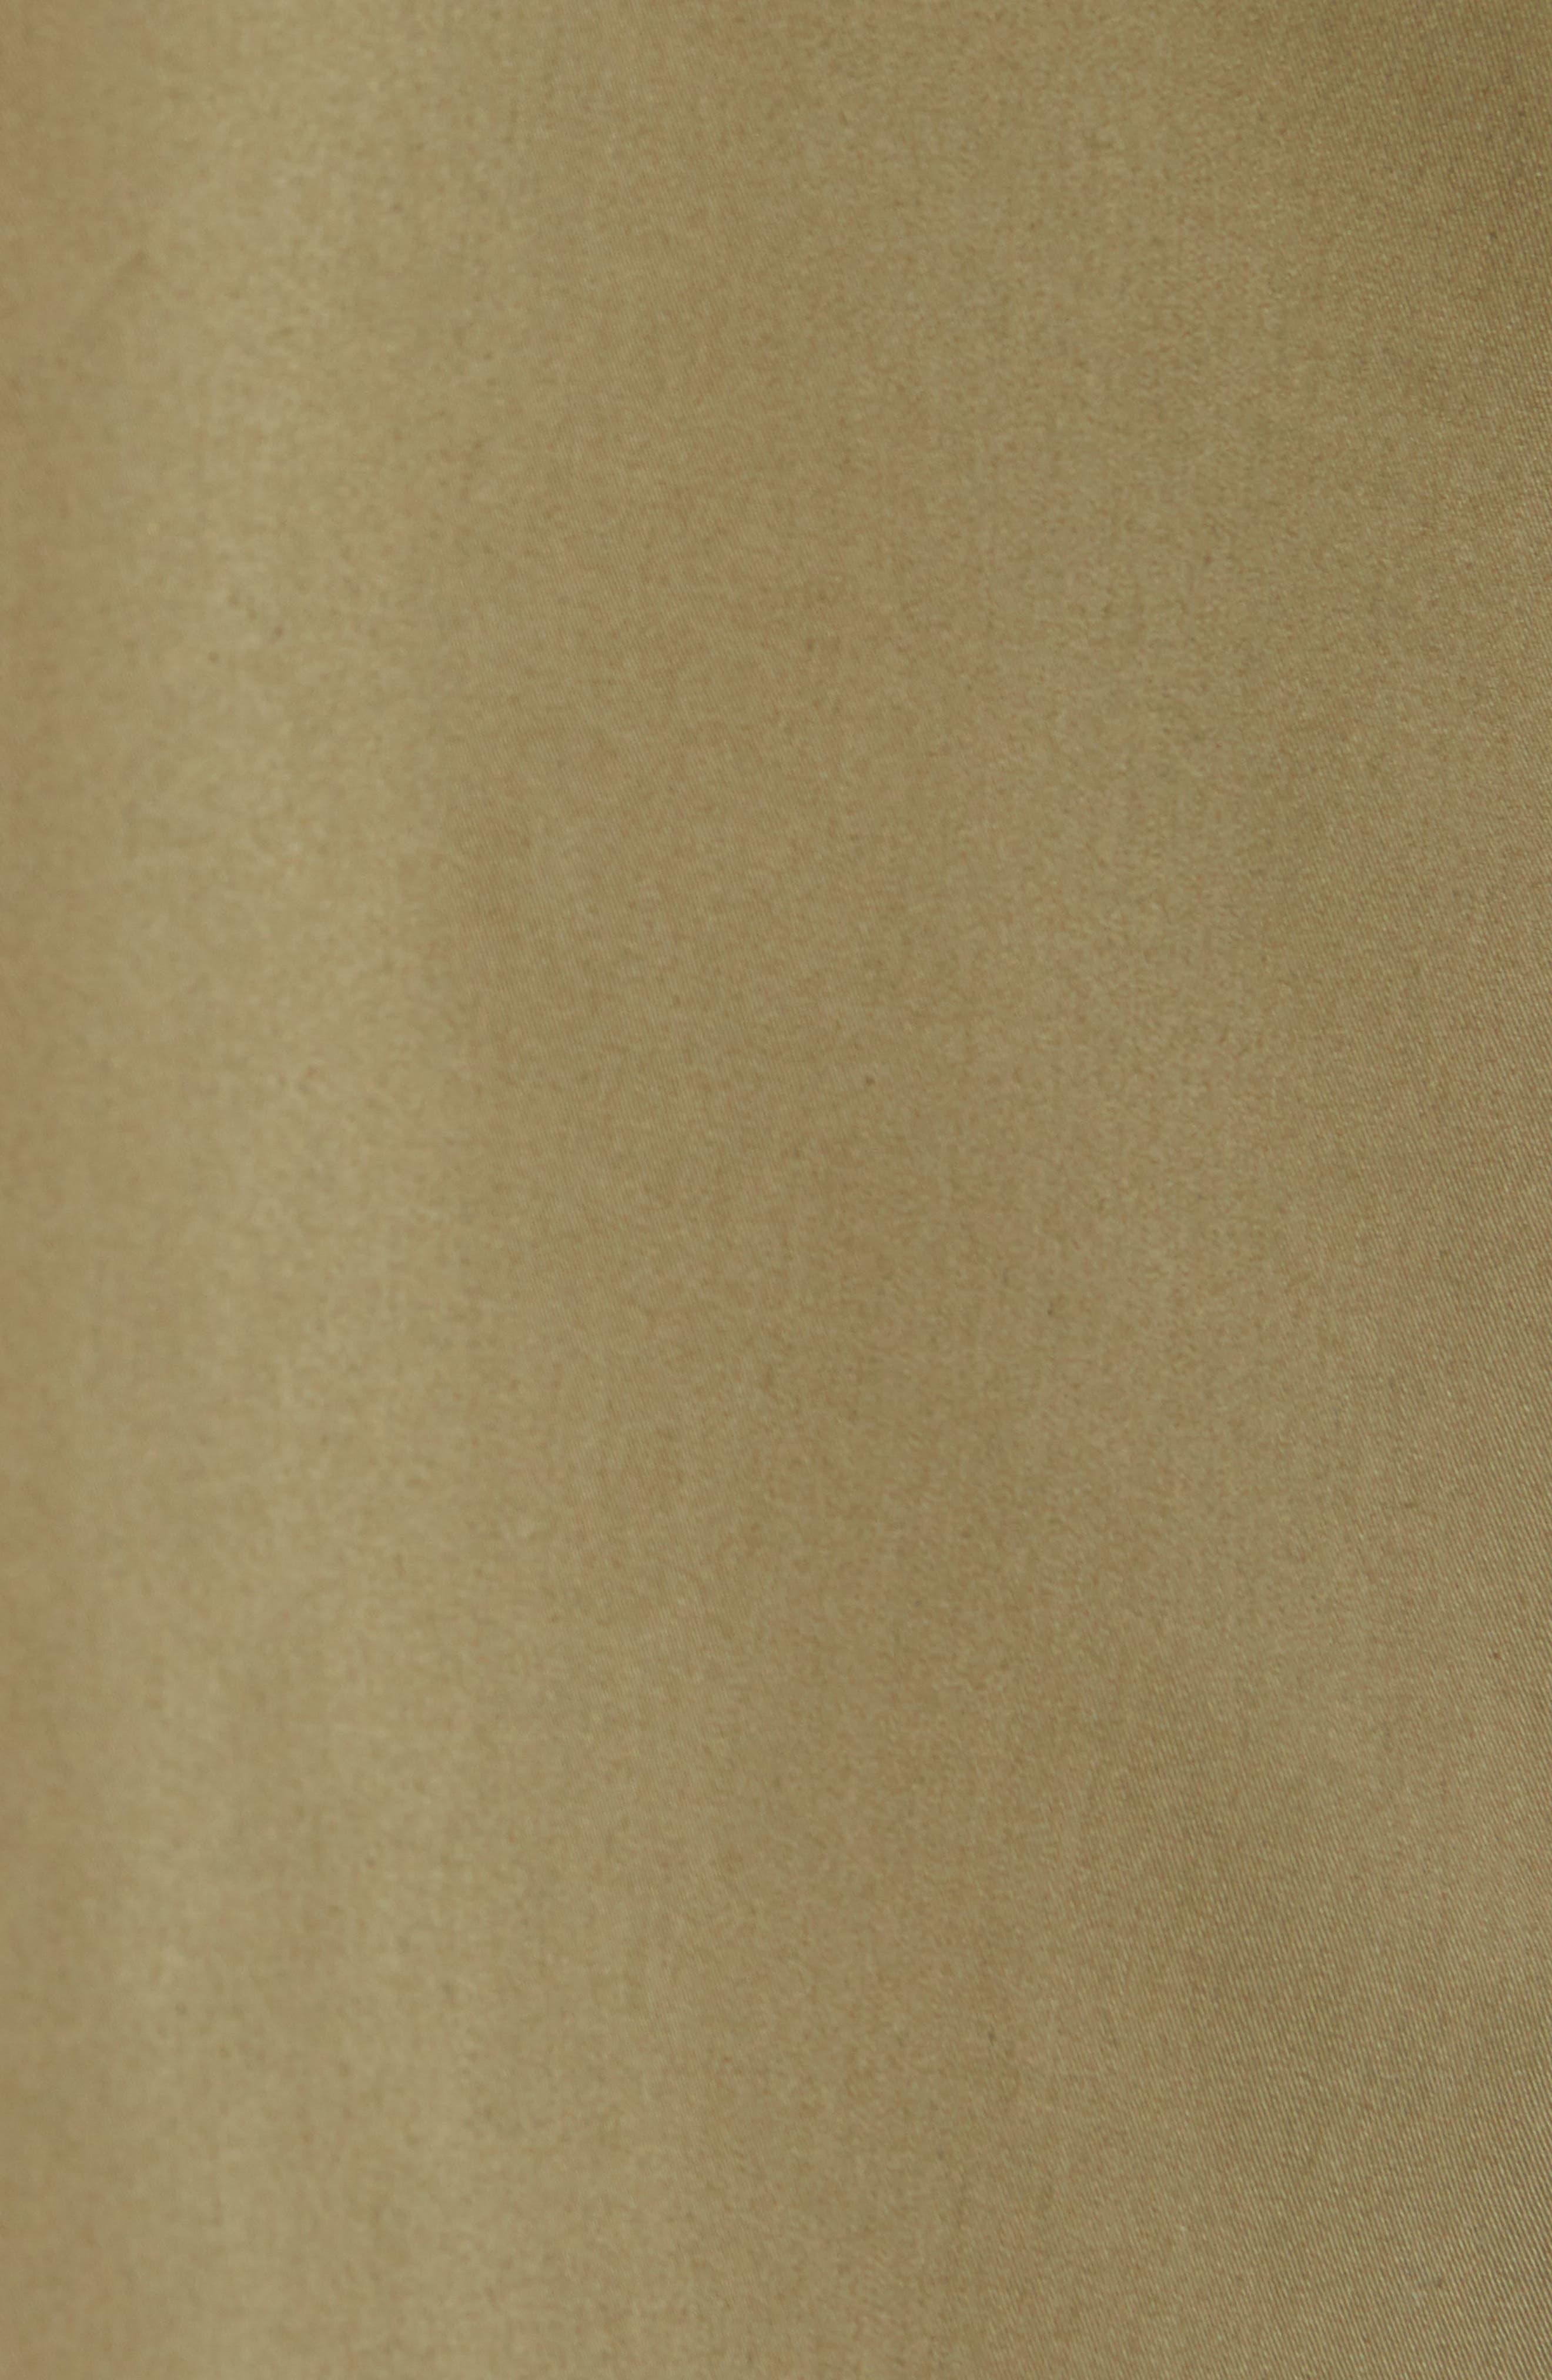 Duster Waterproof Field Coat,                             Alternate thumbnail 7, color,                             VINTAGE OLIVE